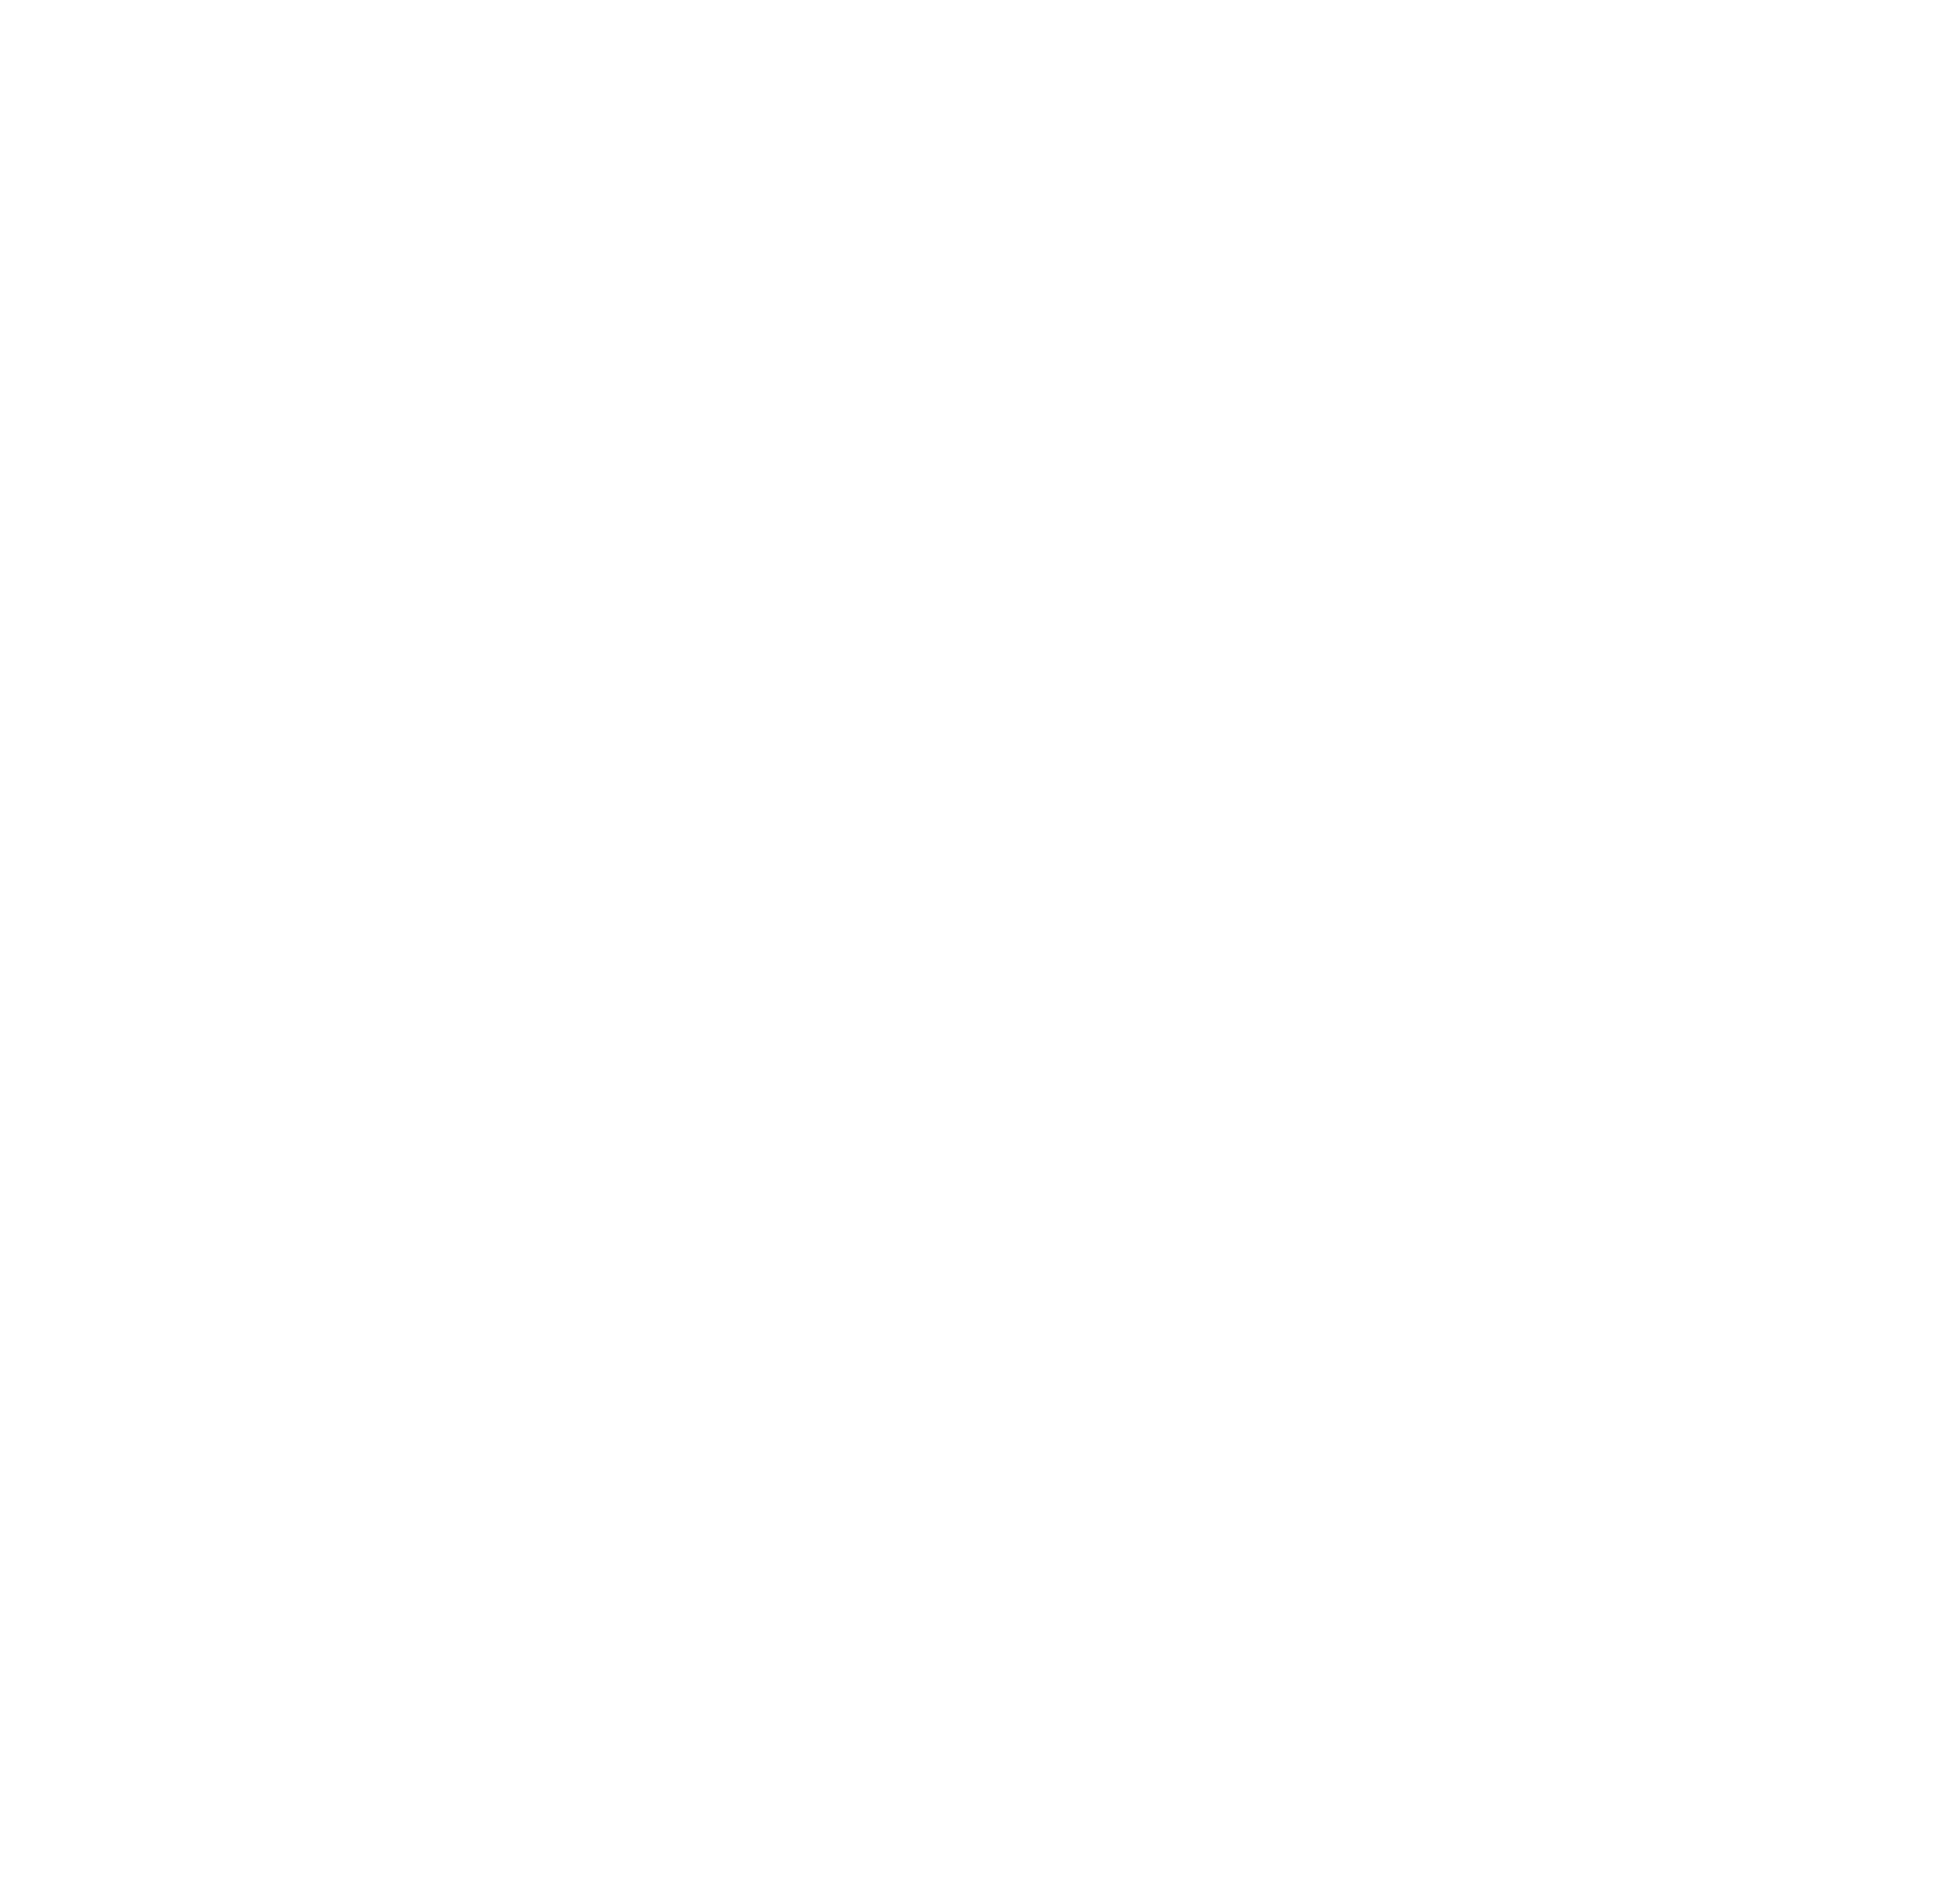 K-S-D